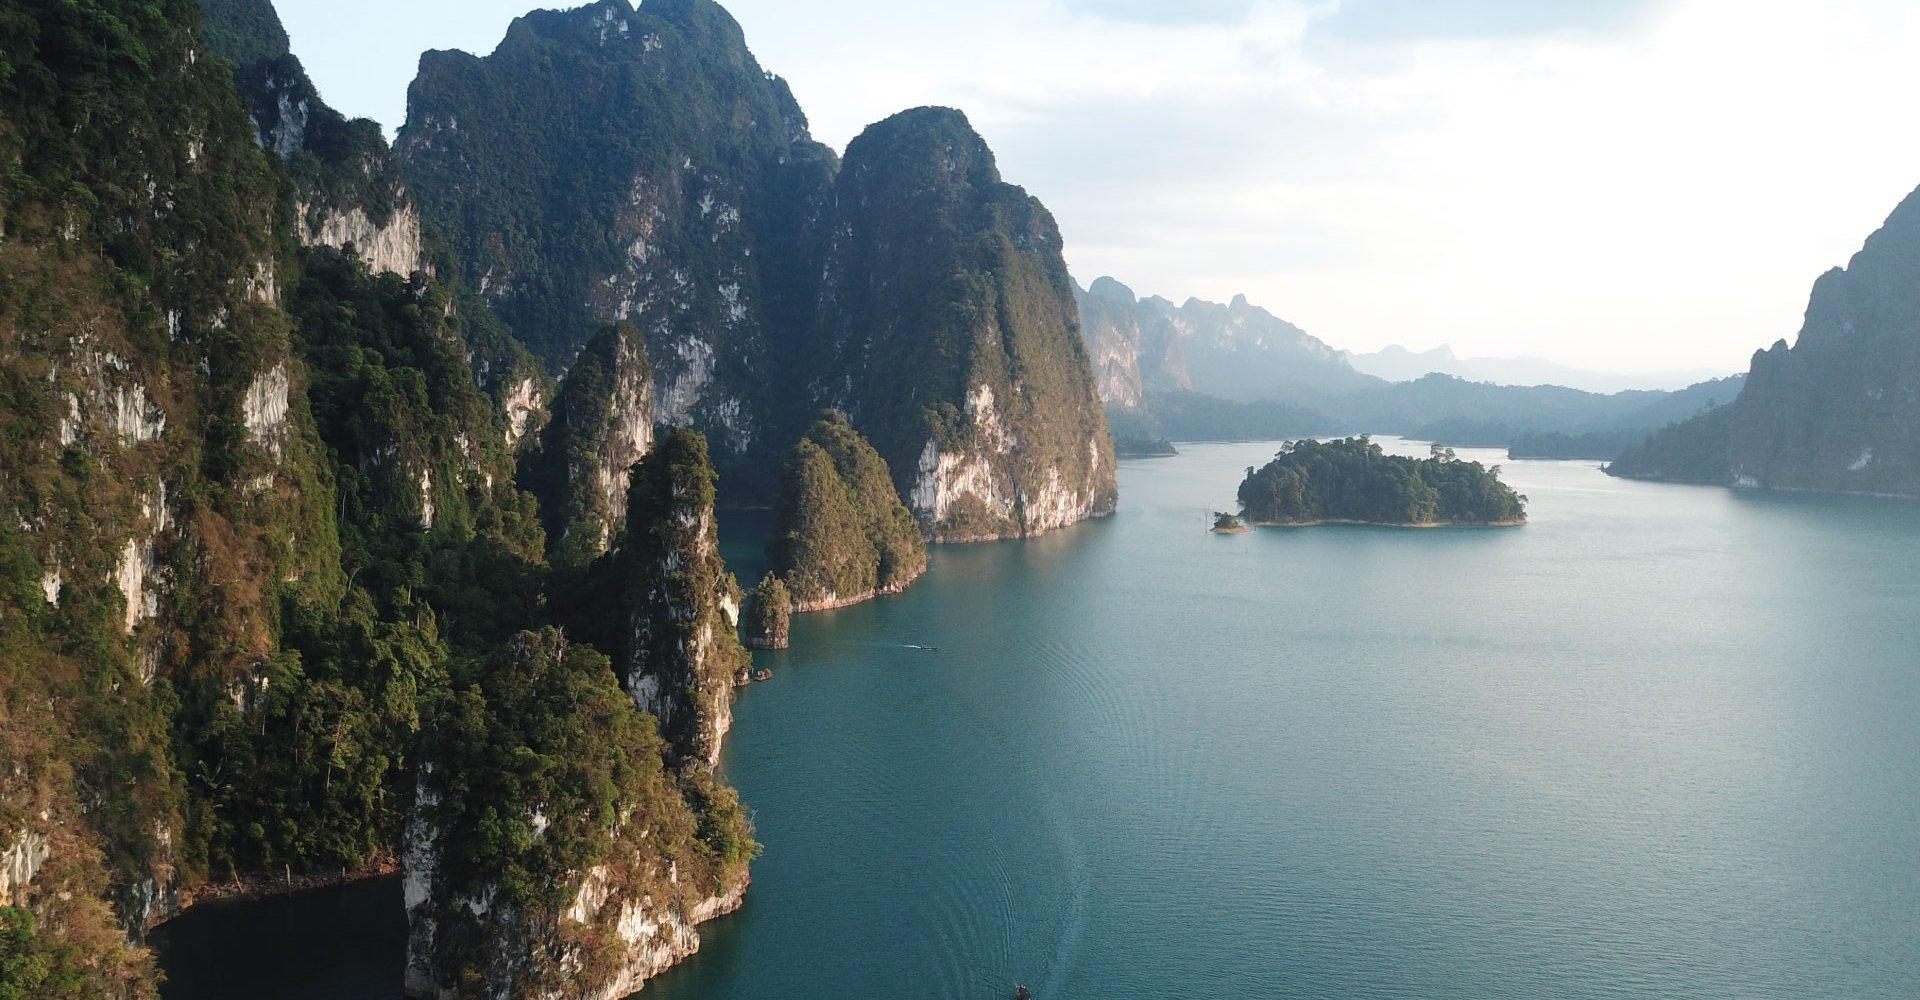 Cheow Lan Lake Trip (Day Trip)